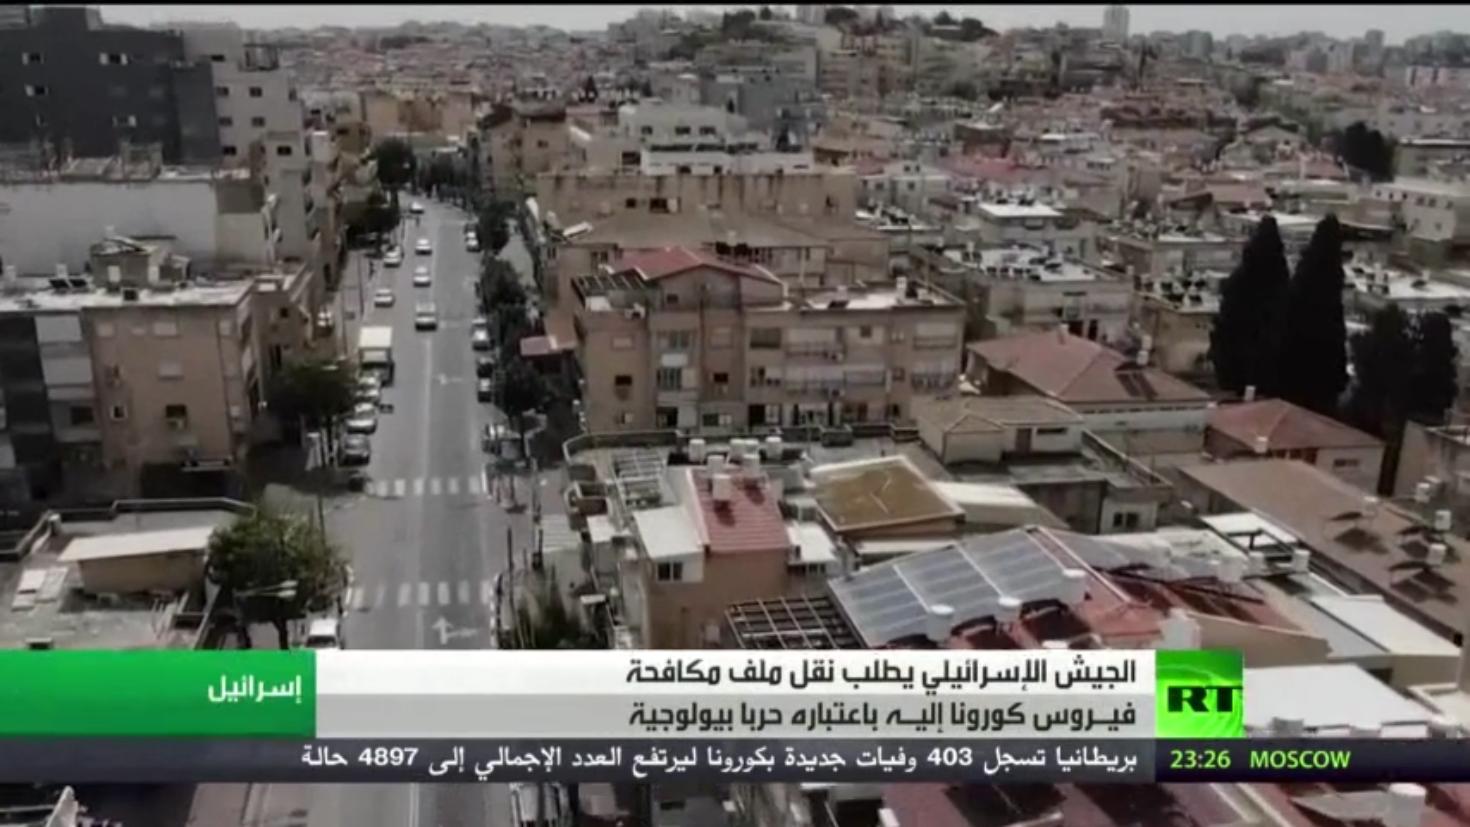 نتنياهو يعلن إغلاق إسرائيل بالكامل